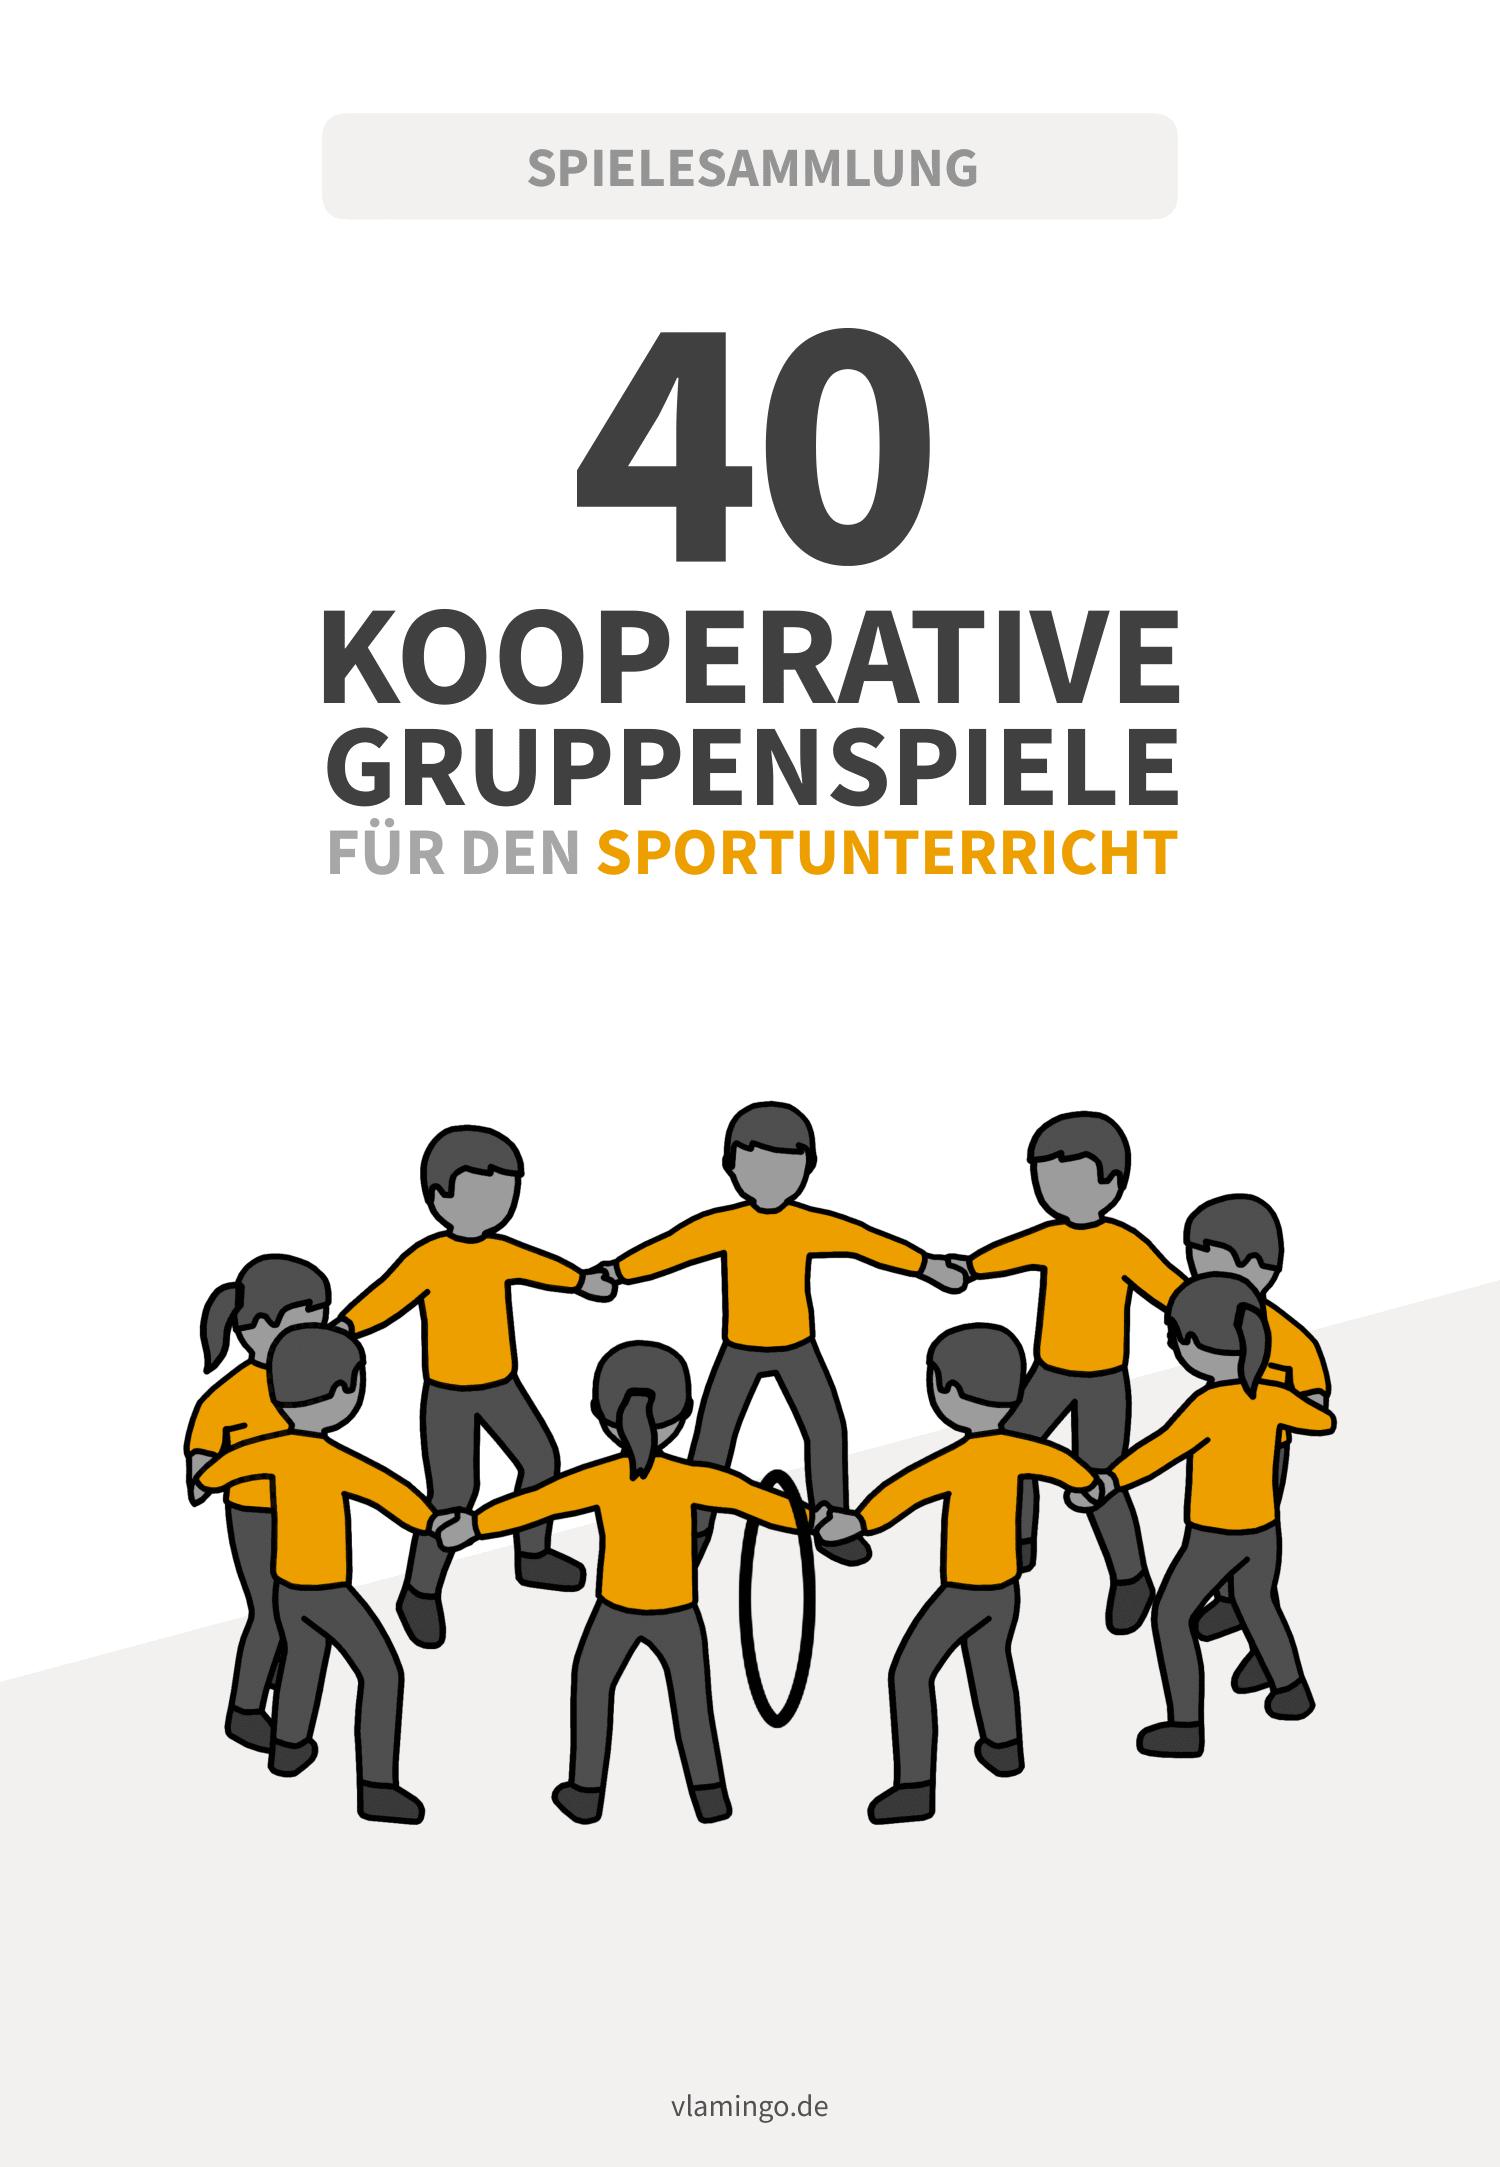 40 Kooperationsspiele für den Sportunterricht & Verein